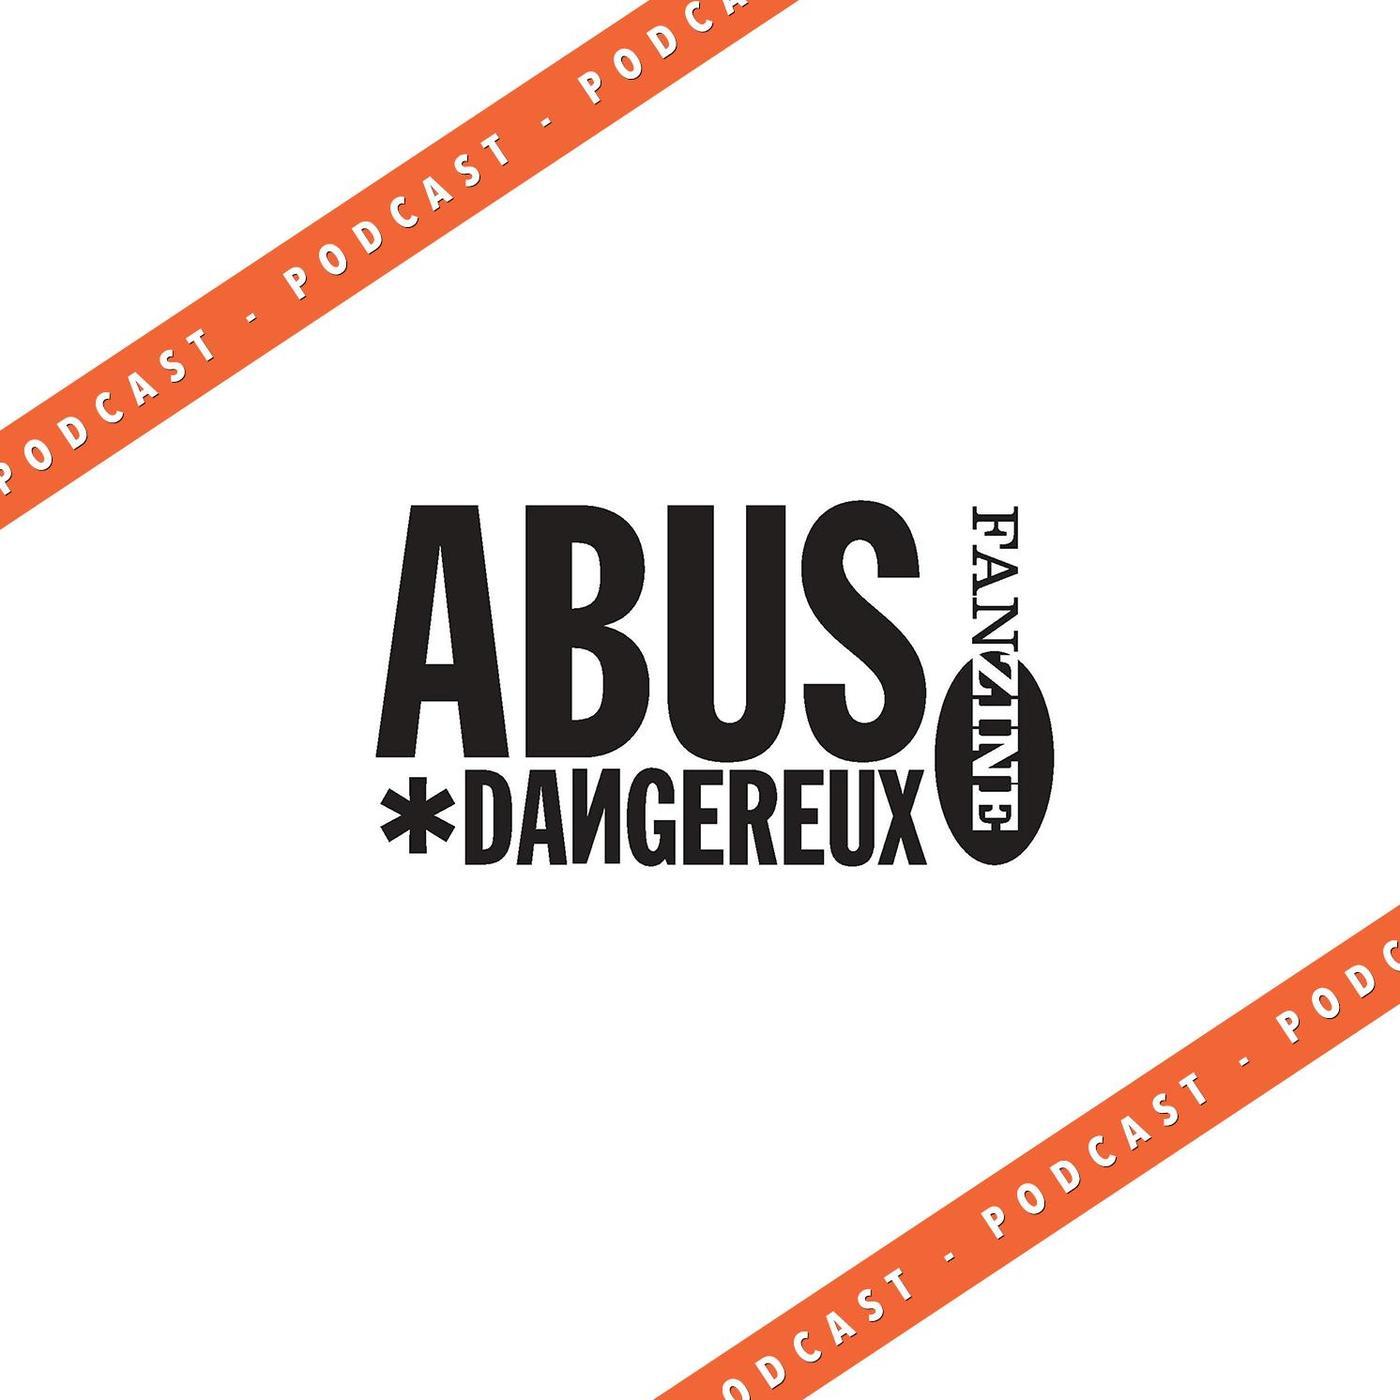 Abus Dangereux 157 - Extrait 1